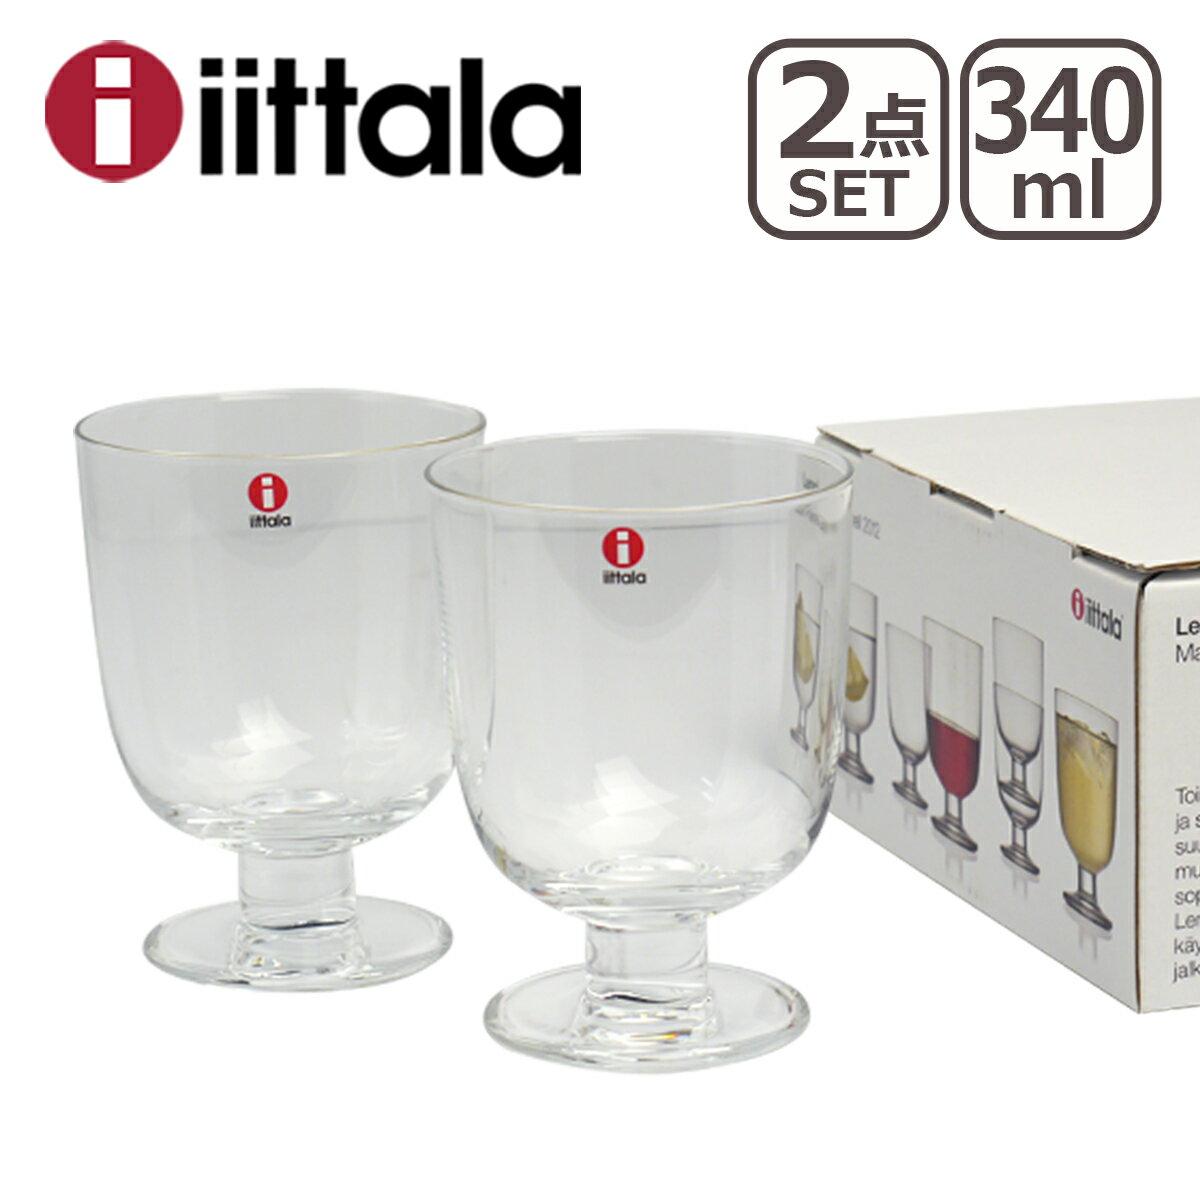 イッタラ iittala レンピ (Lempi)Glass グラス 2個セット 340ml クリアー 北欧 フィンランド 食器 ギフト・のし可